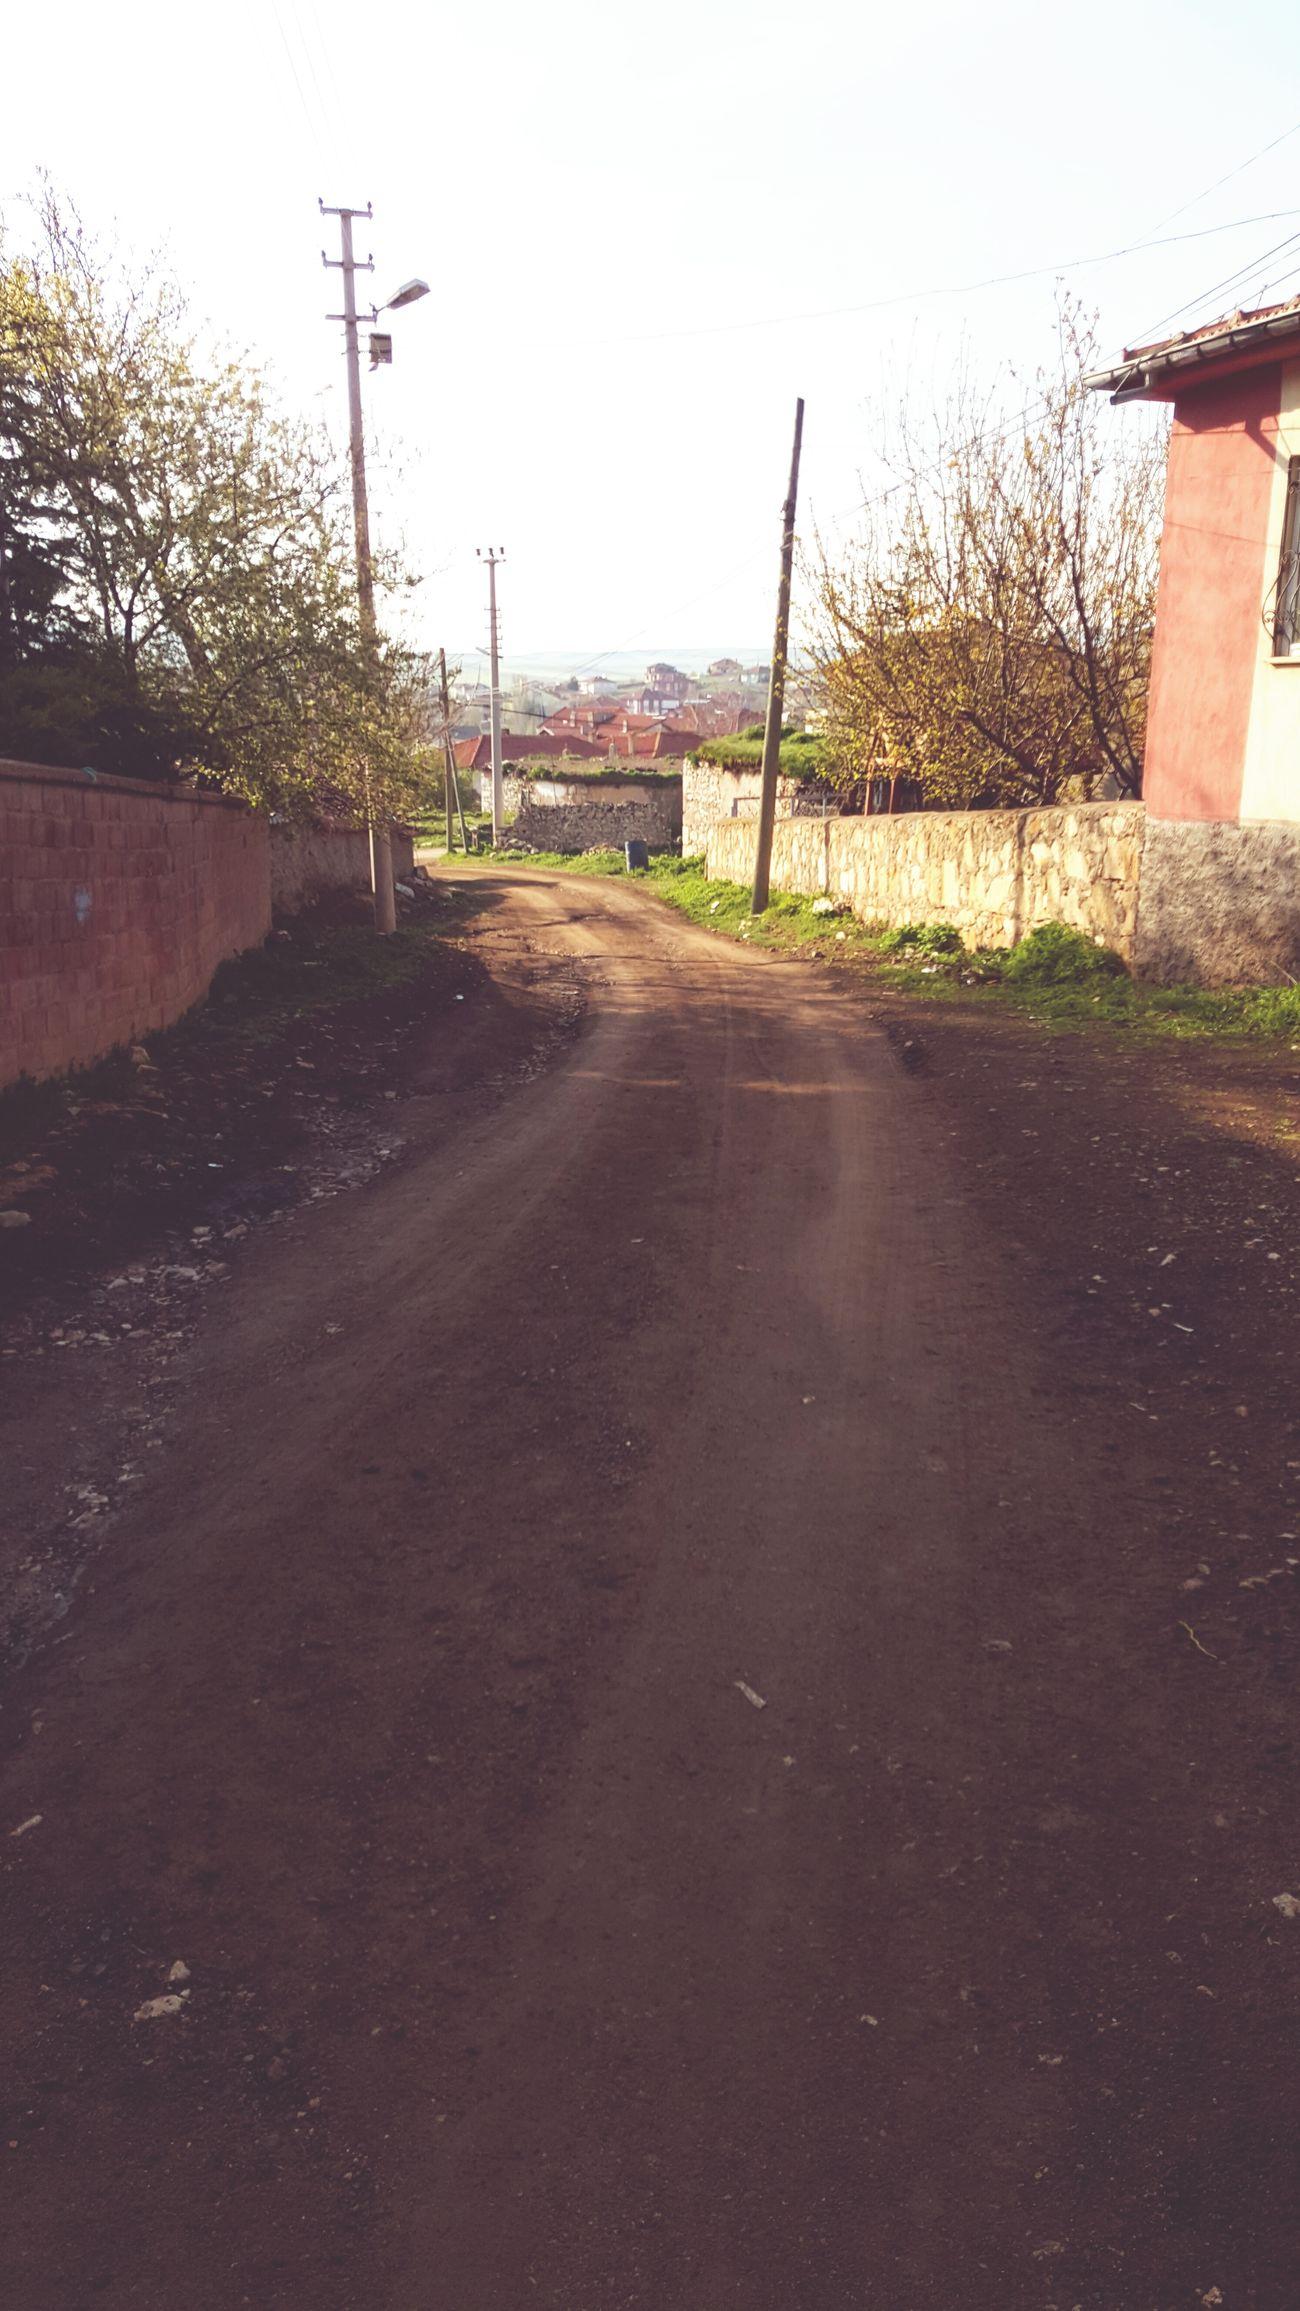 Köy yolu 💞